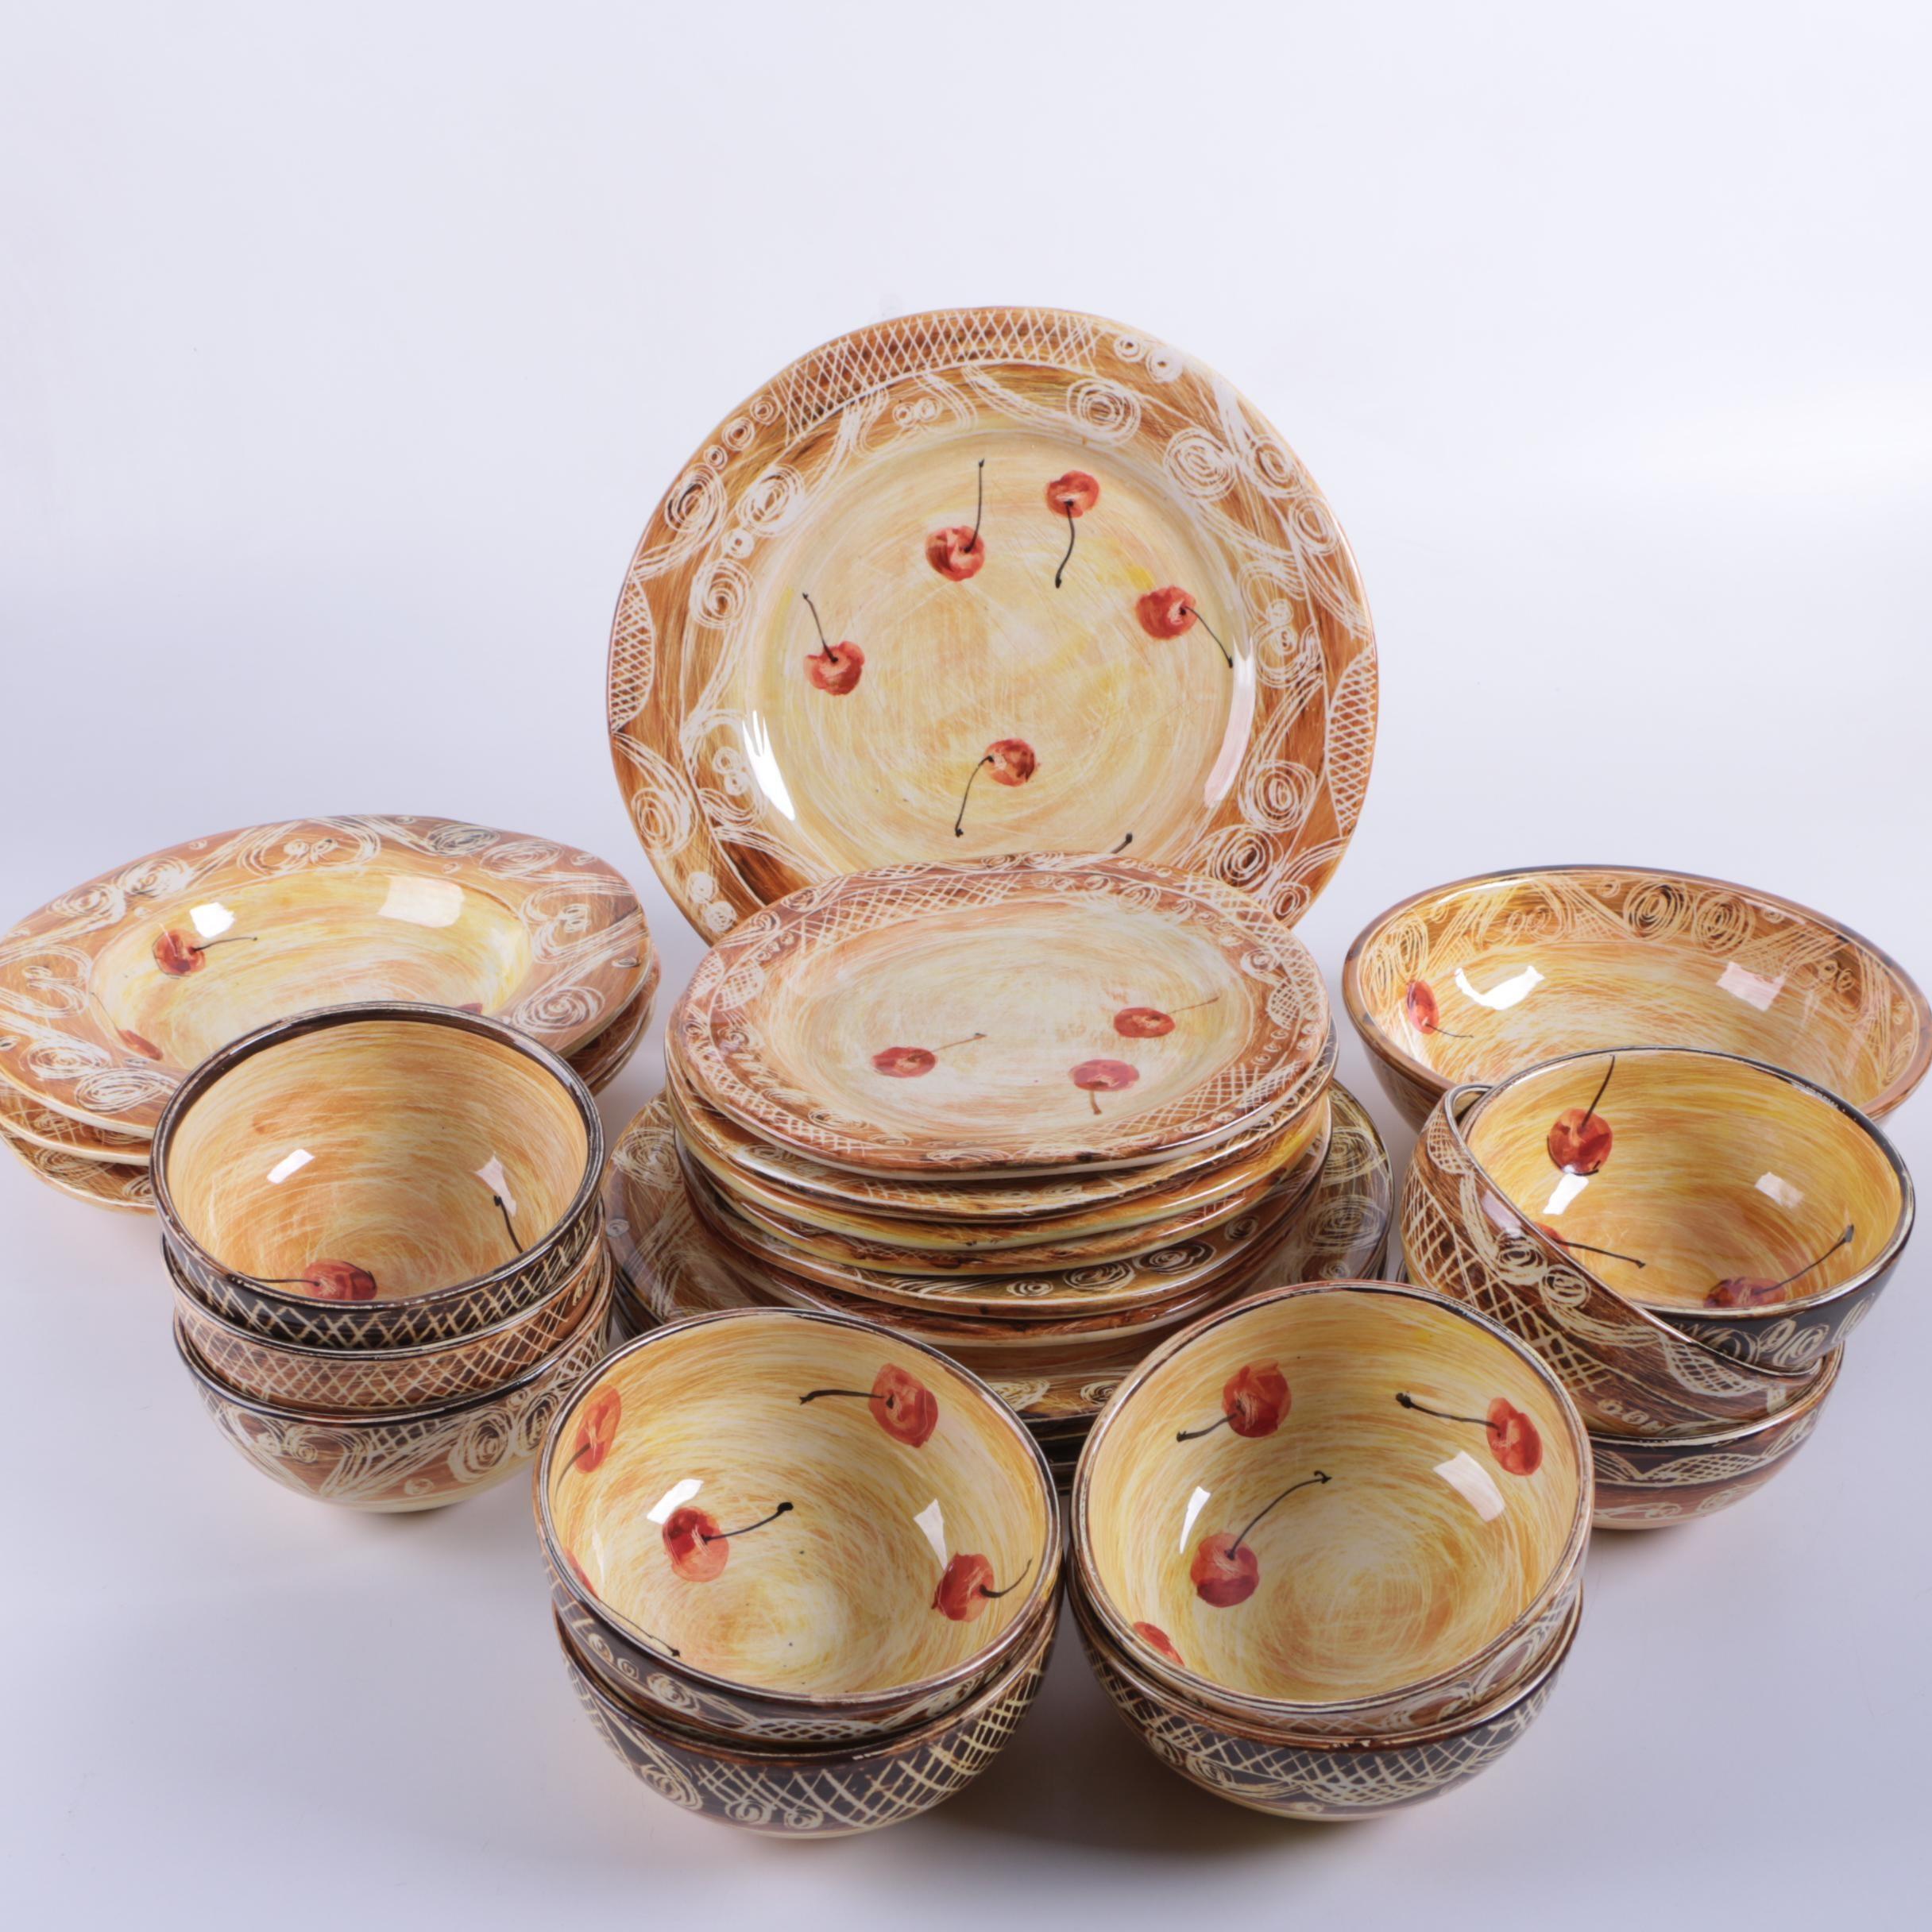 Sharon Thompson Art Pottery Dinnerware ... & Sharon Thompson Art Pottery Dinnerware : EBTH